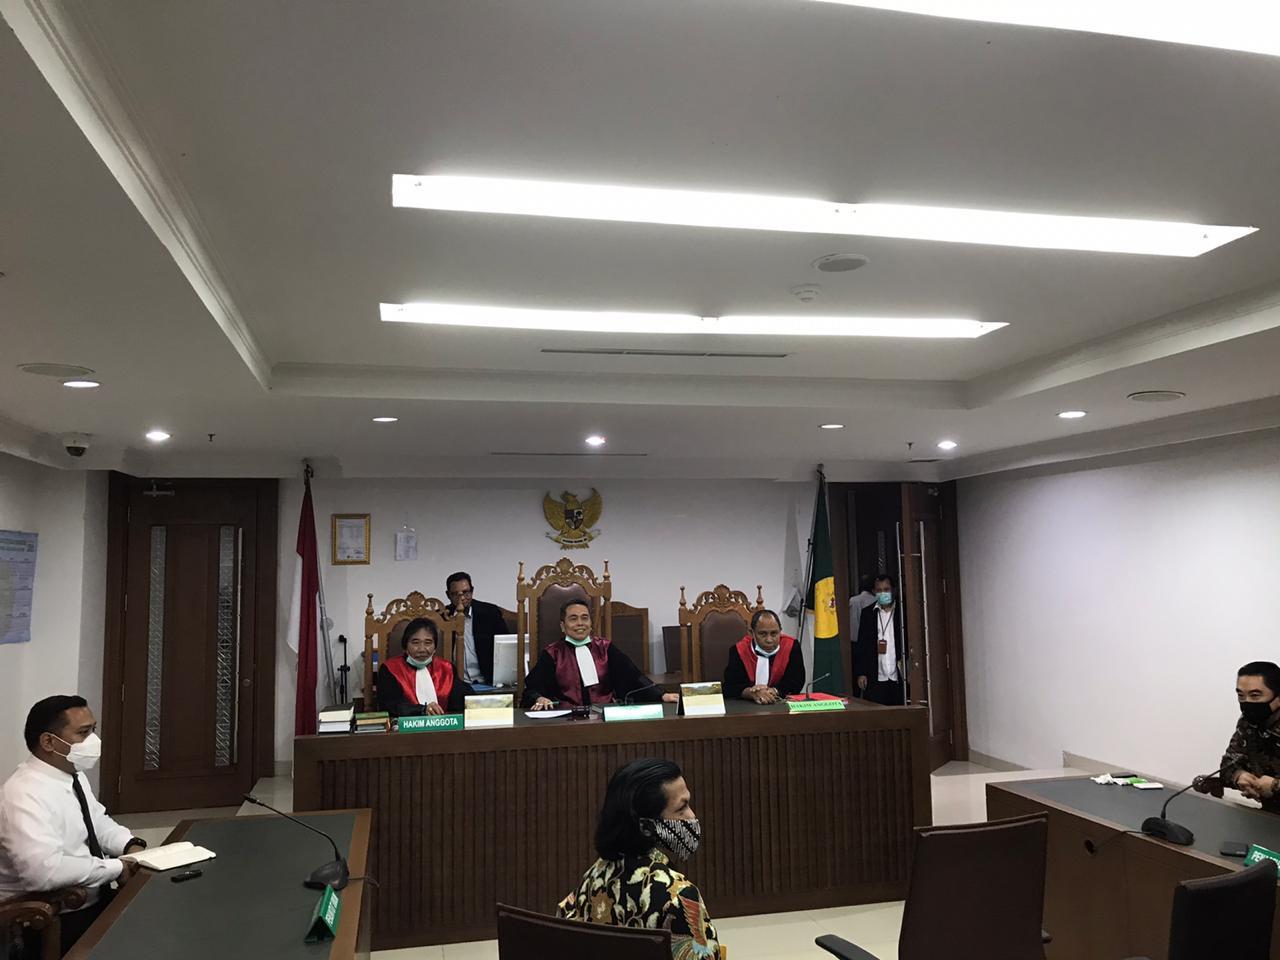 Hakim Pengawas Tegaskan PKPU KCN Sudah Homologasi, Tinggal Ketok - JPNN.com